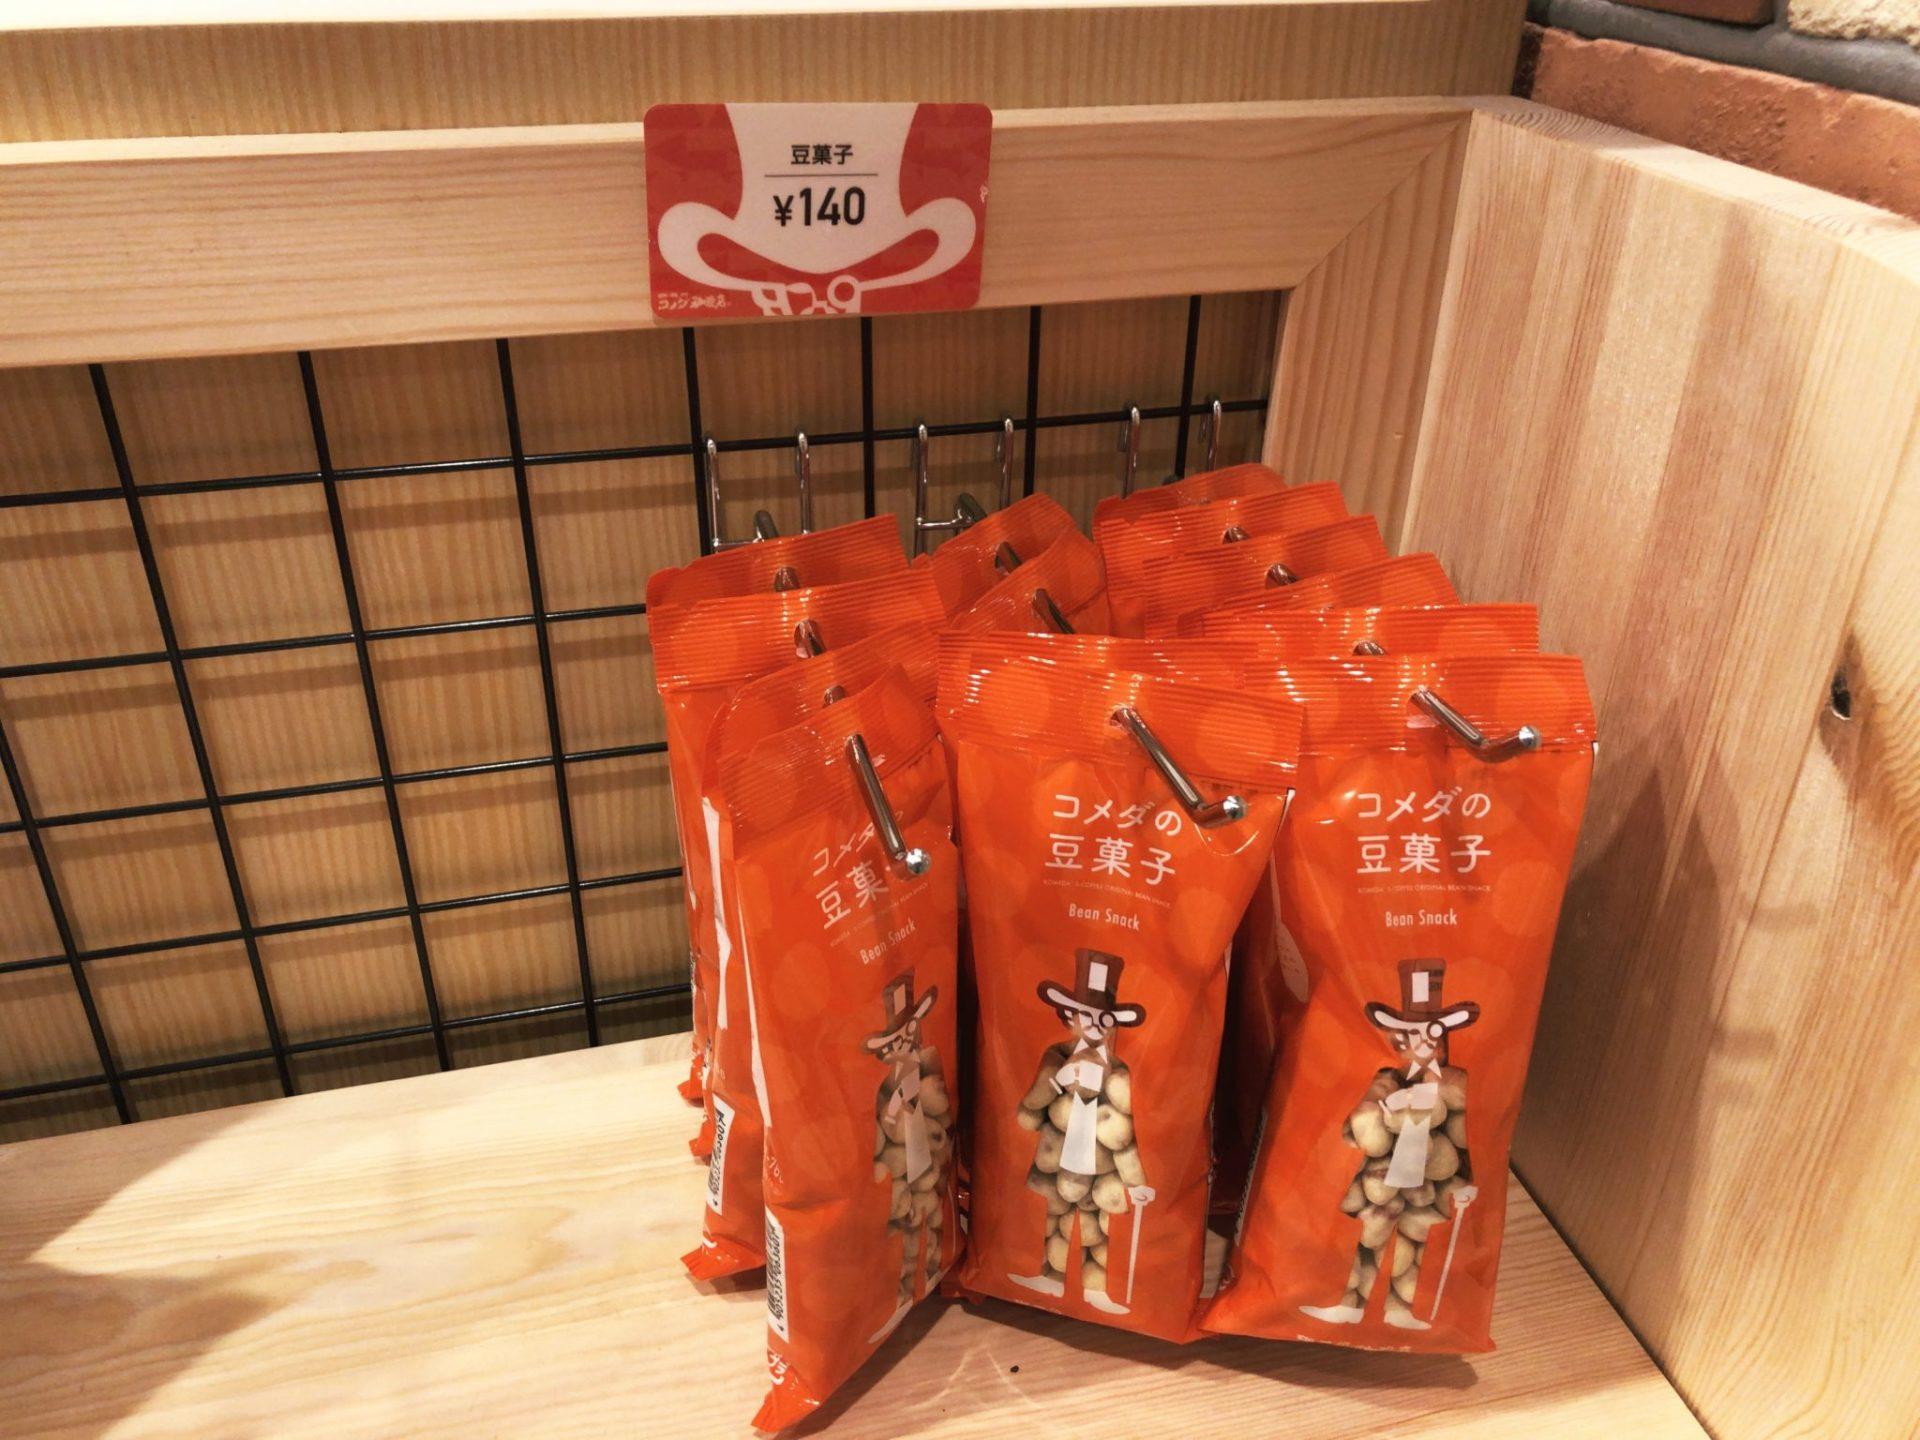 コメダ珈琲店 駒沢公園前店の豆菓子